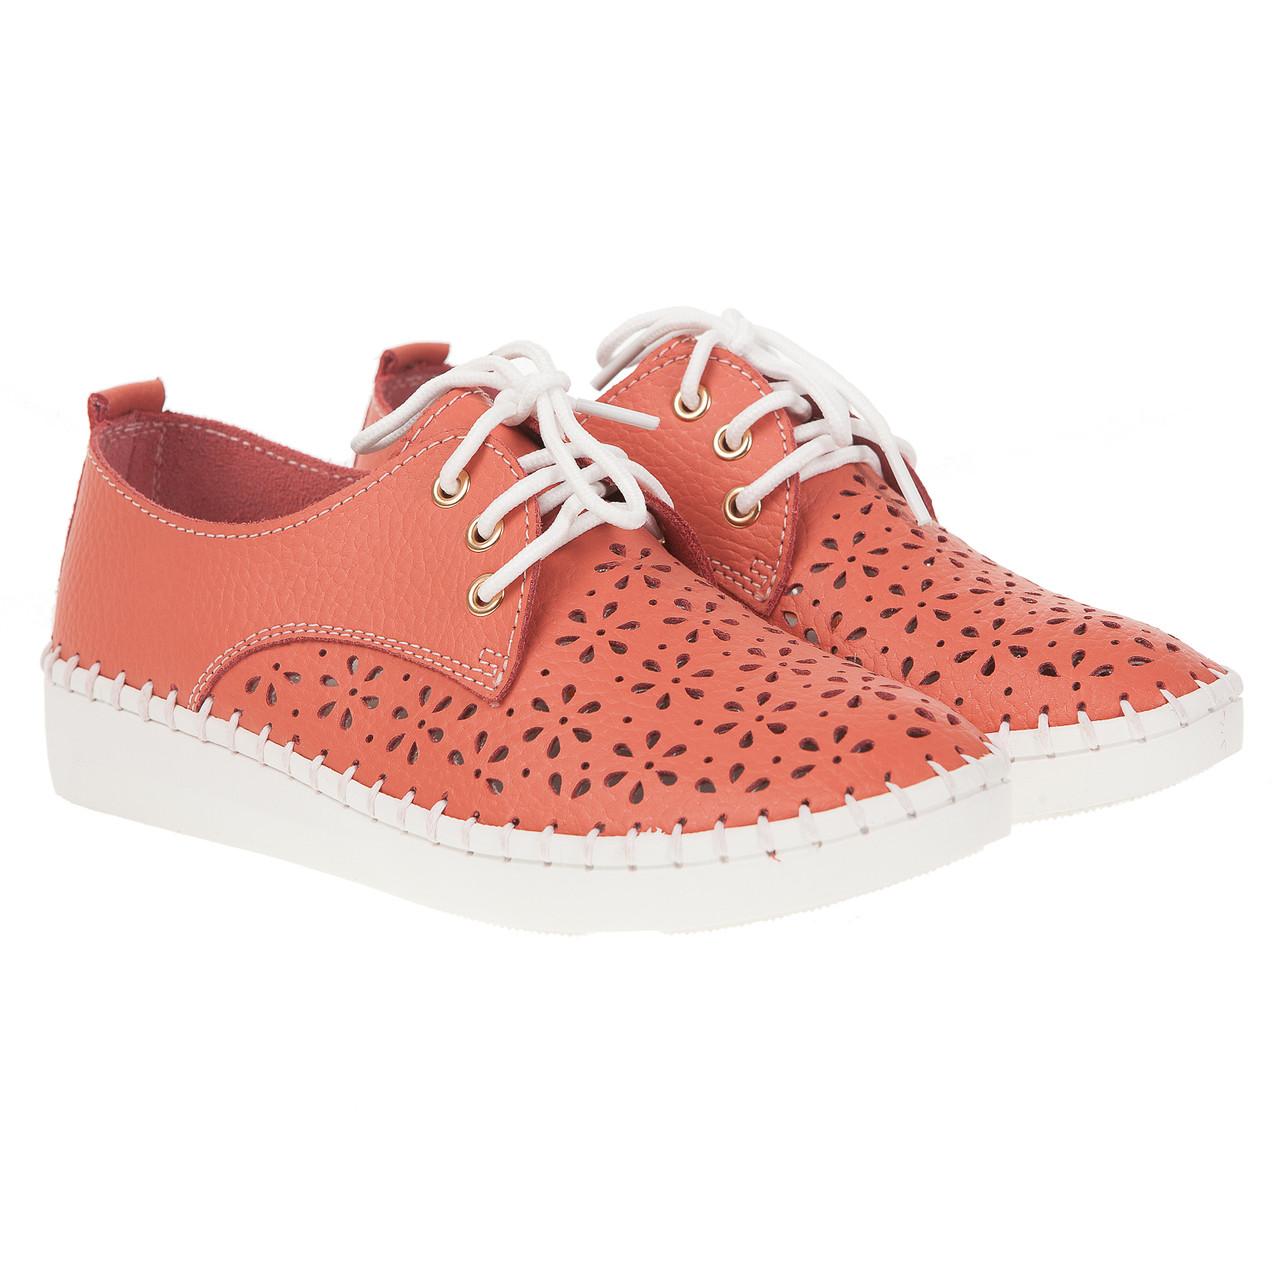 Туфли женские Lifeexpert (стильный коралловый цвет, на белой подошве, на шнурках, с перфорацией, удобные)